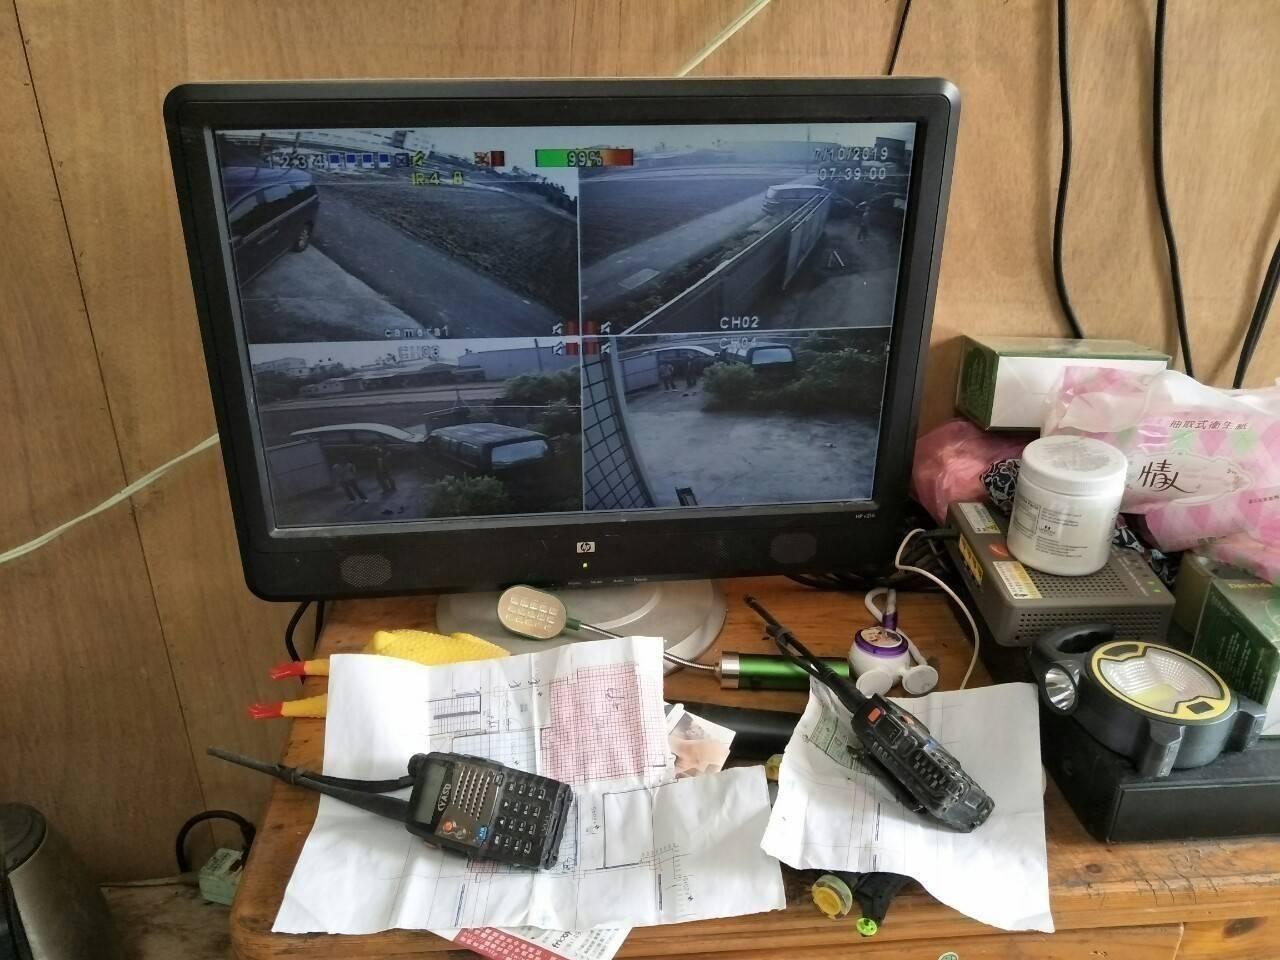 警方查獲逃逸移工宿舍內,隨時有監視螢幕監控外來人車。記者林佩均/翻攝